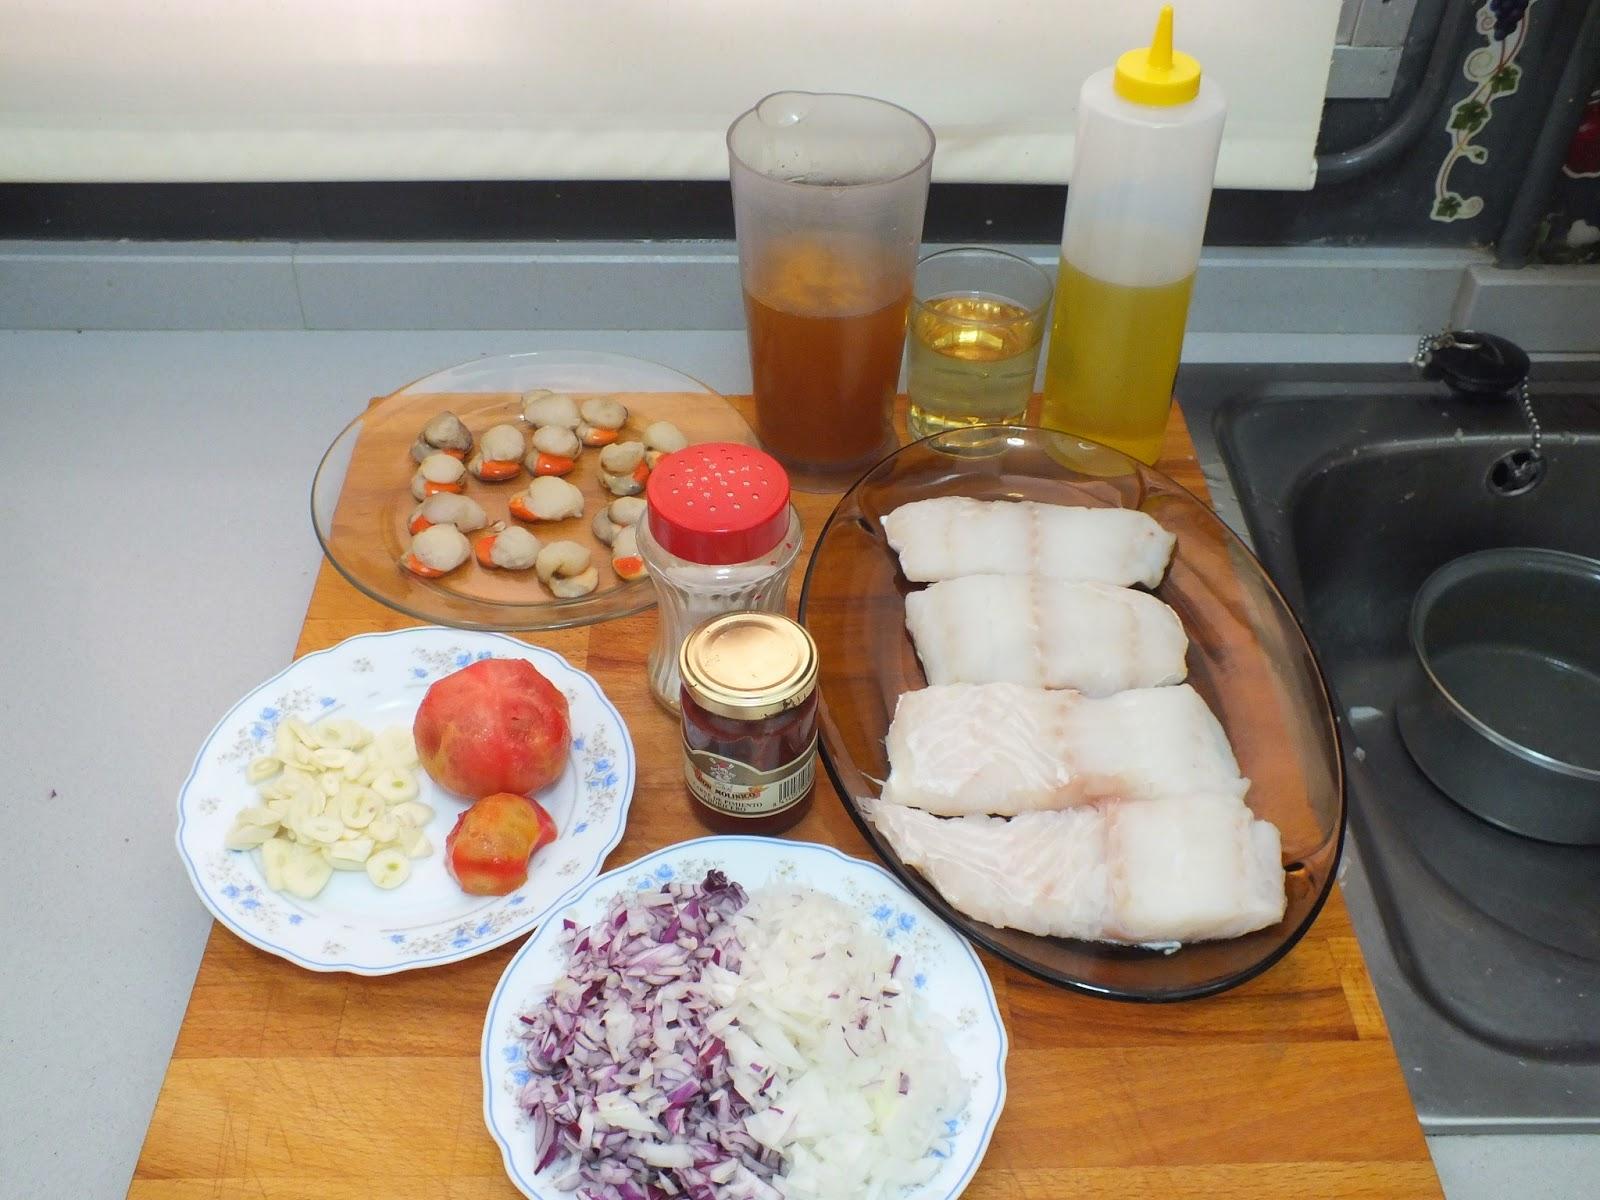 Escuela de cocina pako amor bacalao a la vizca na con - Escuela de cocina paco amor ...